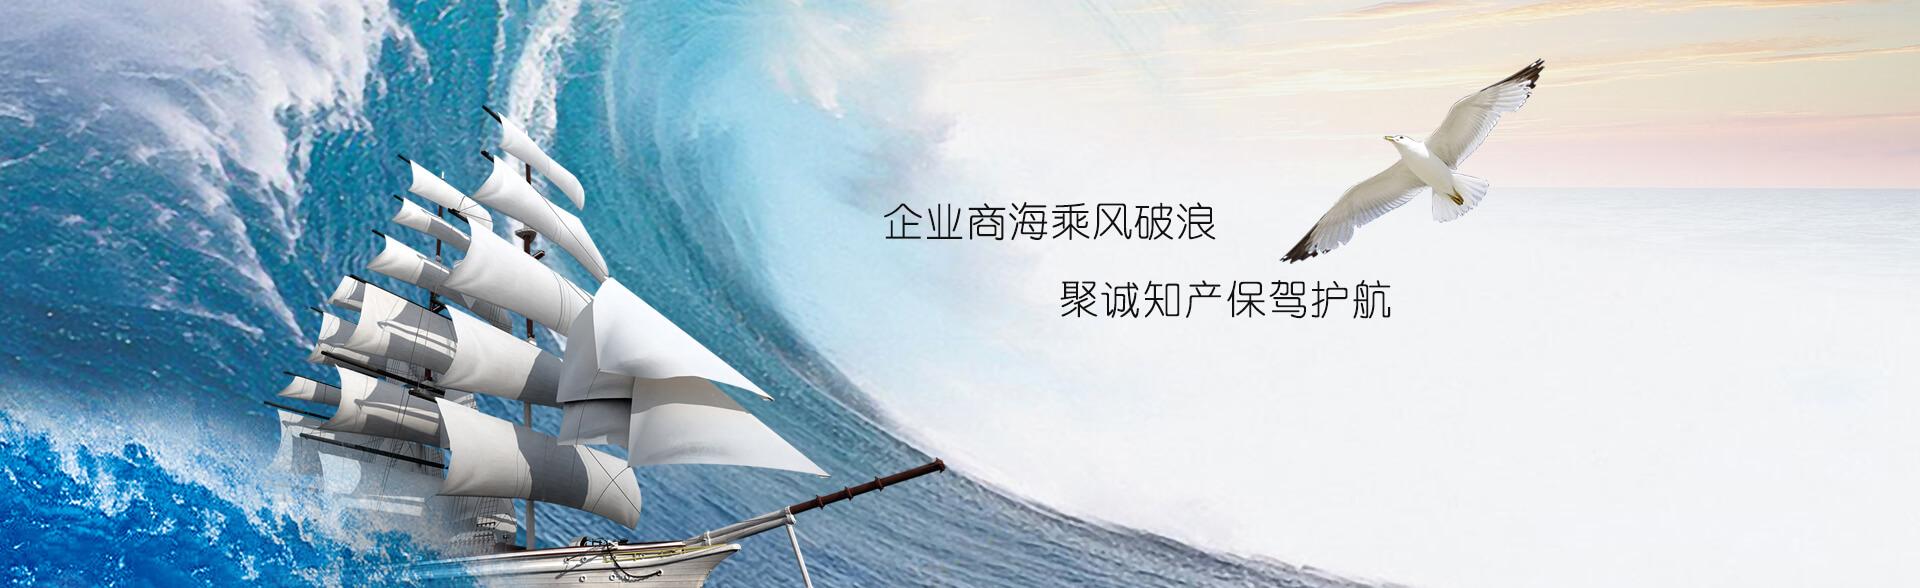 西安商标注册,西安专利申请_关于调整专利公开公告出版周期的公告_第四张图片